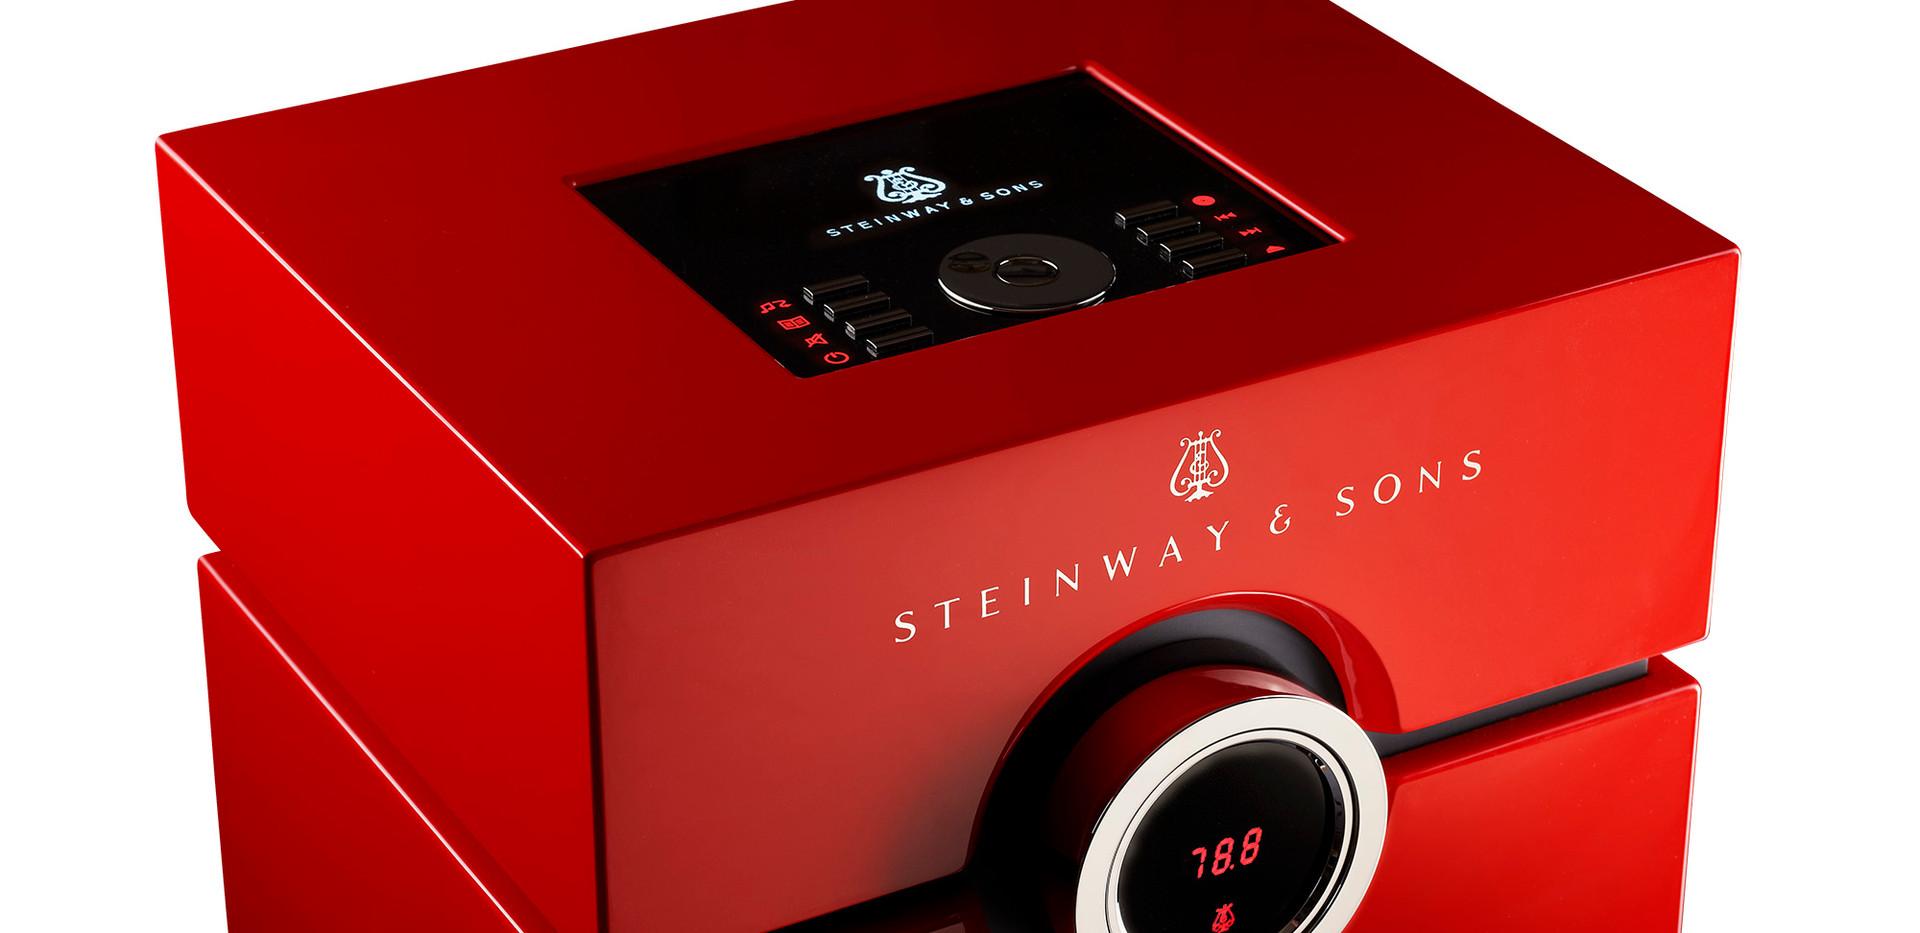 Steinway Lyngdorf Head Unit Red